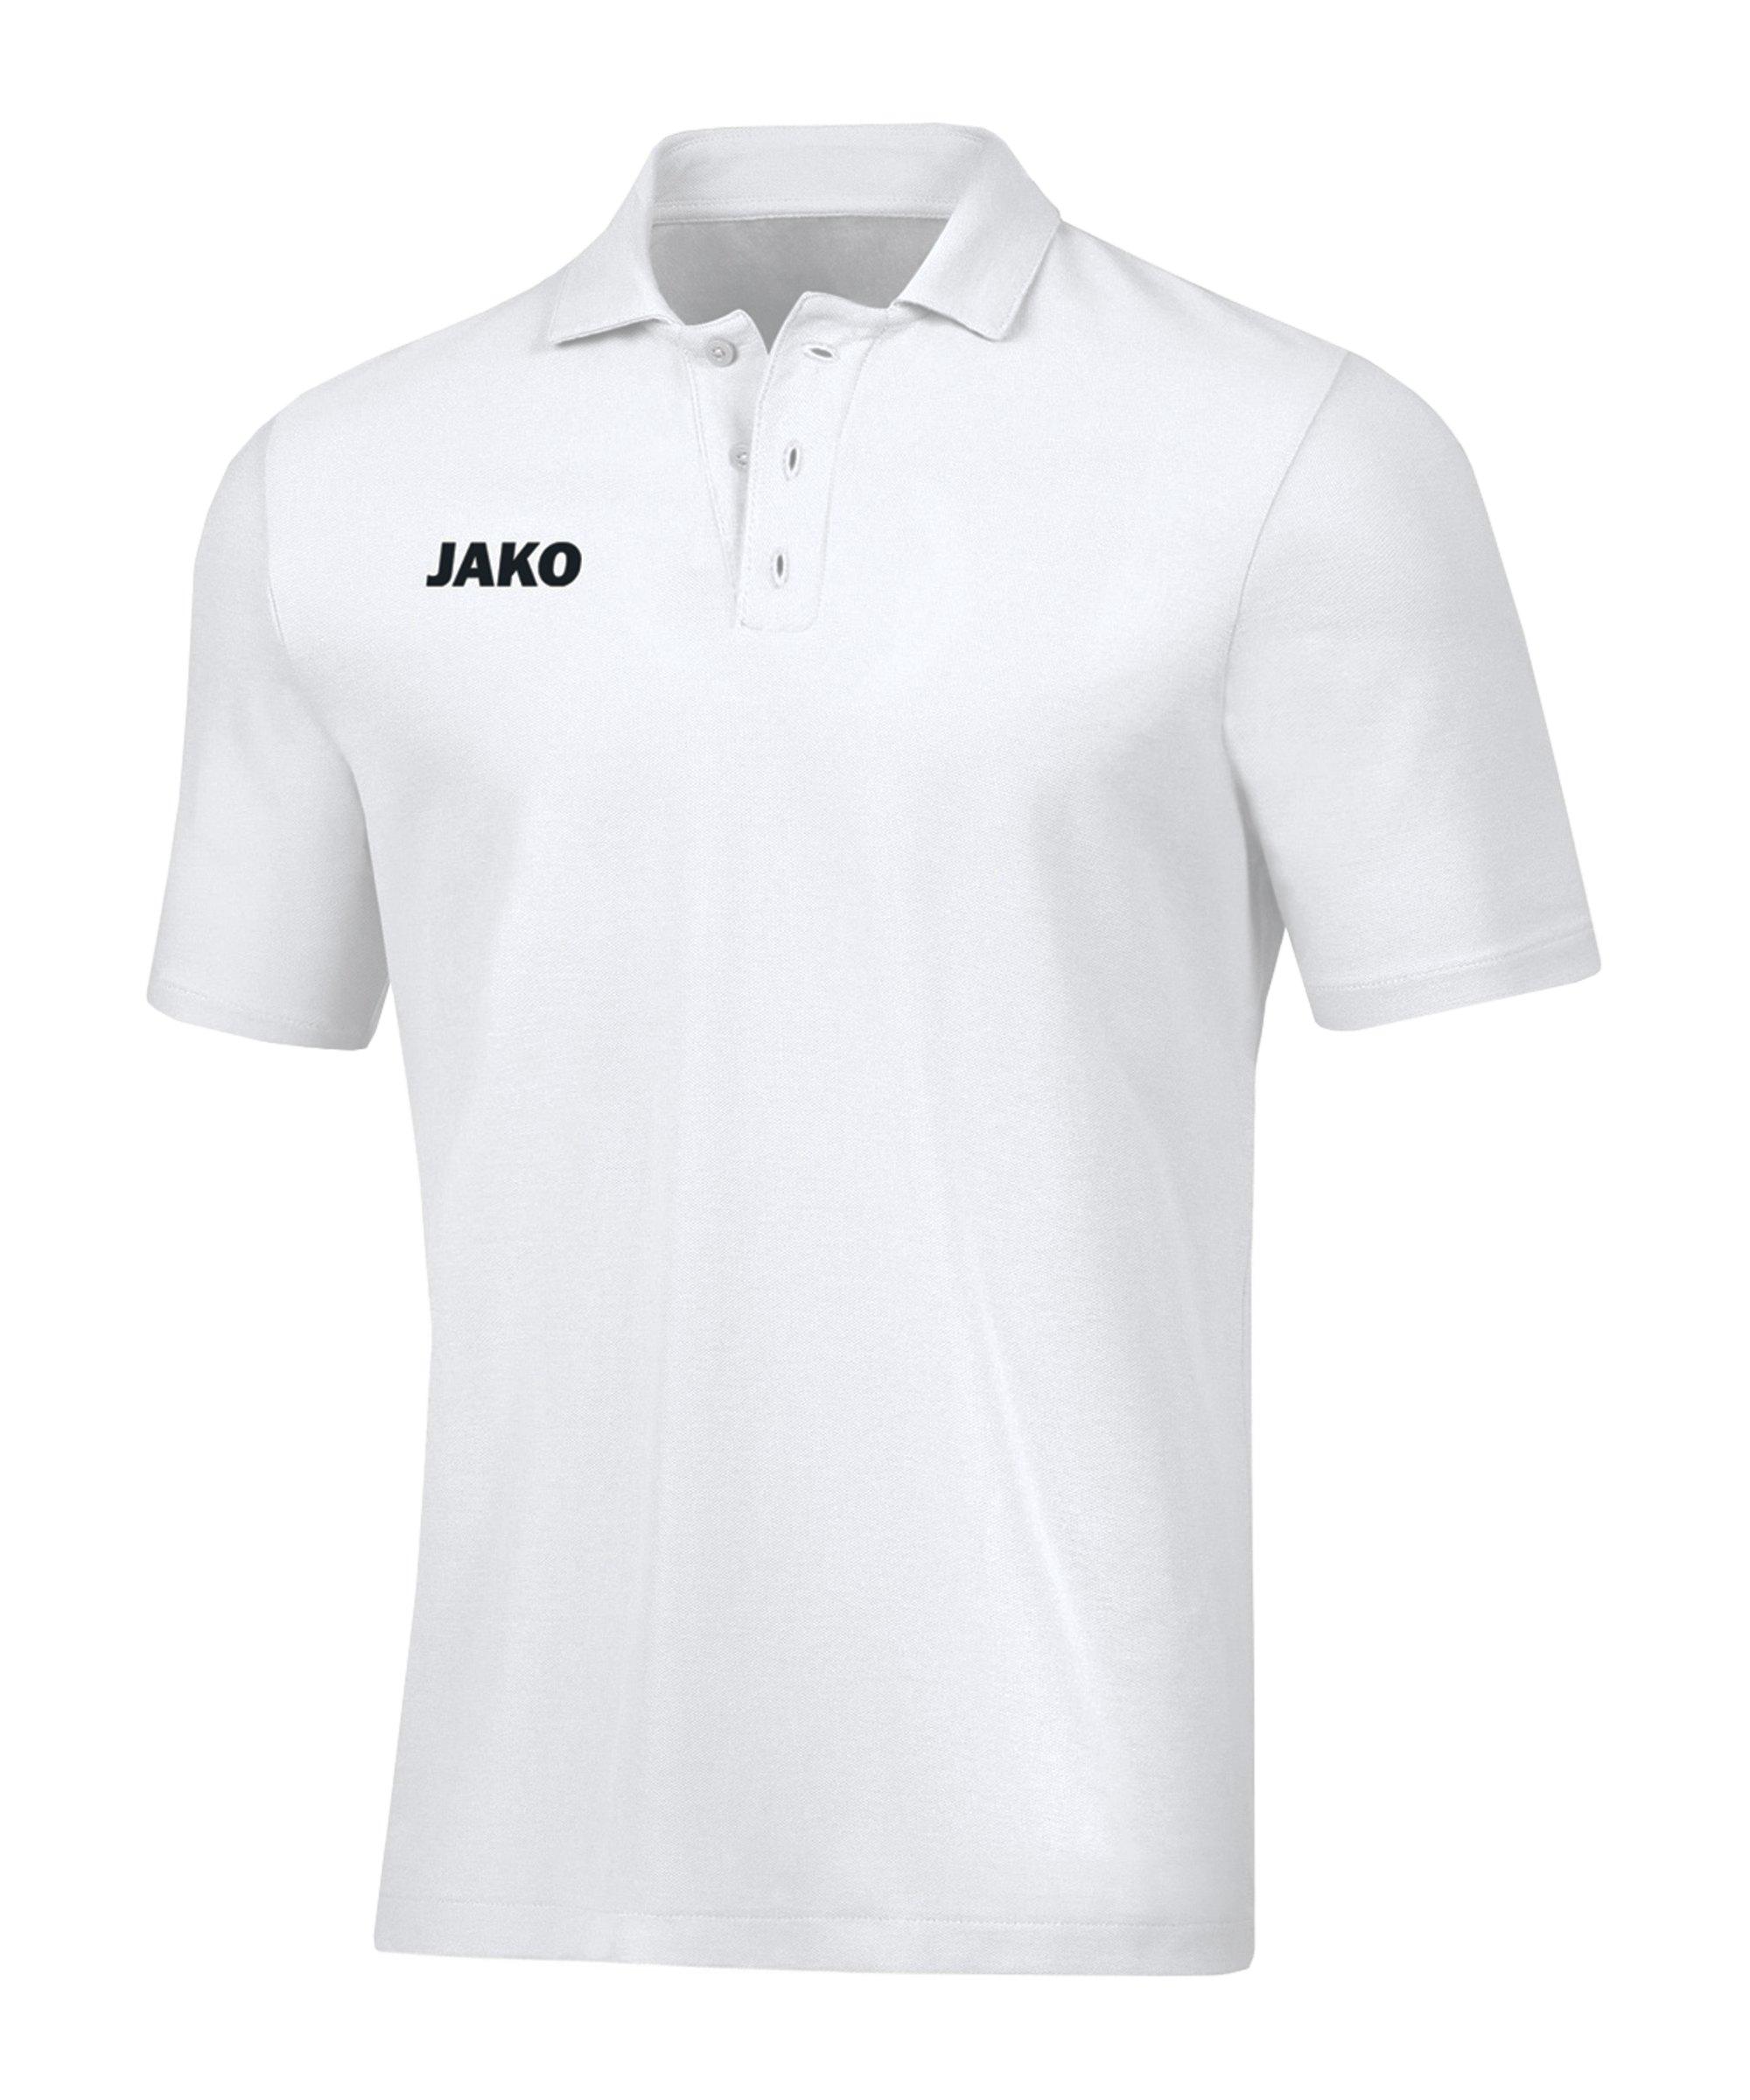 JAKO Base Poloshirt Damen Weiss F00 - weiss